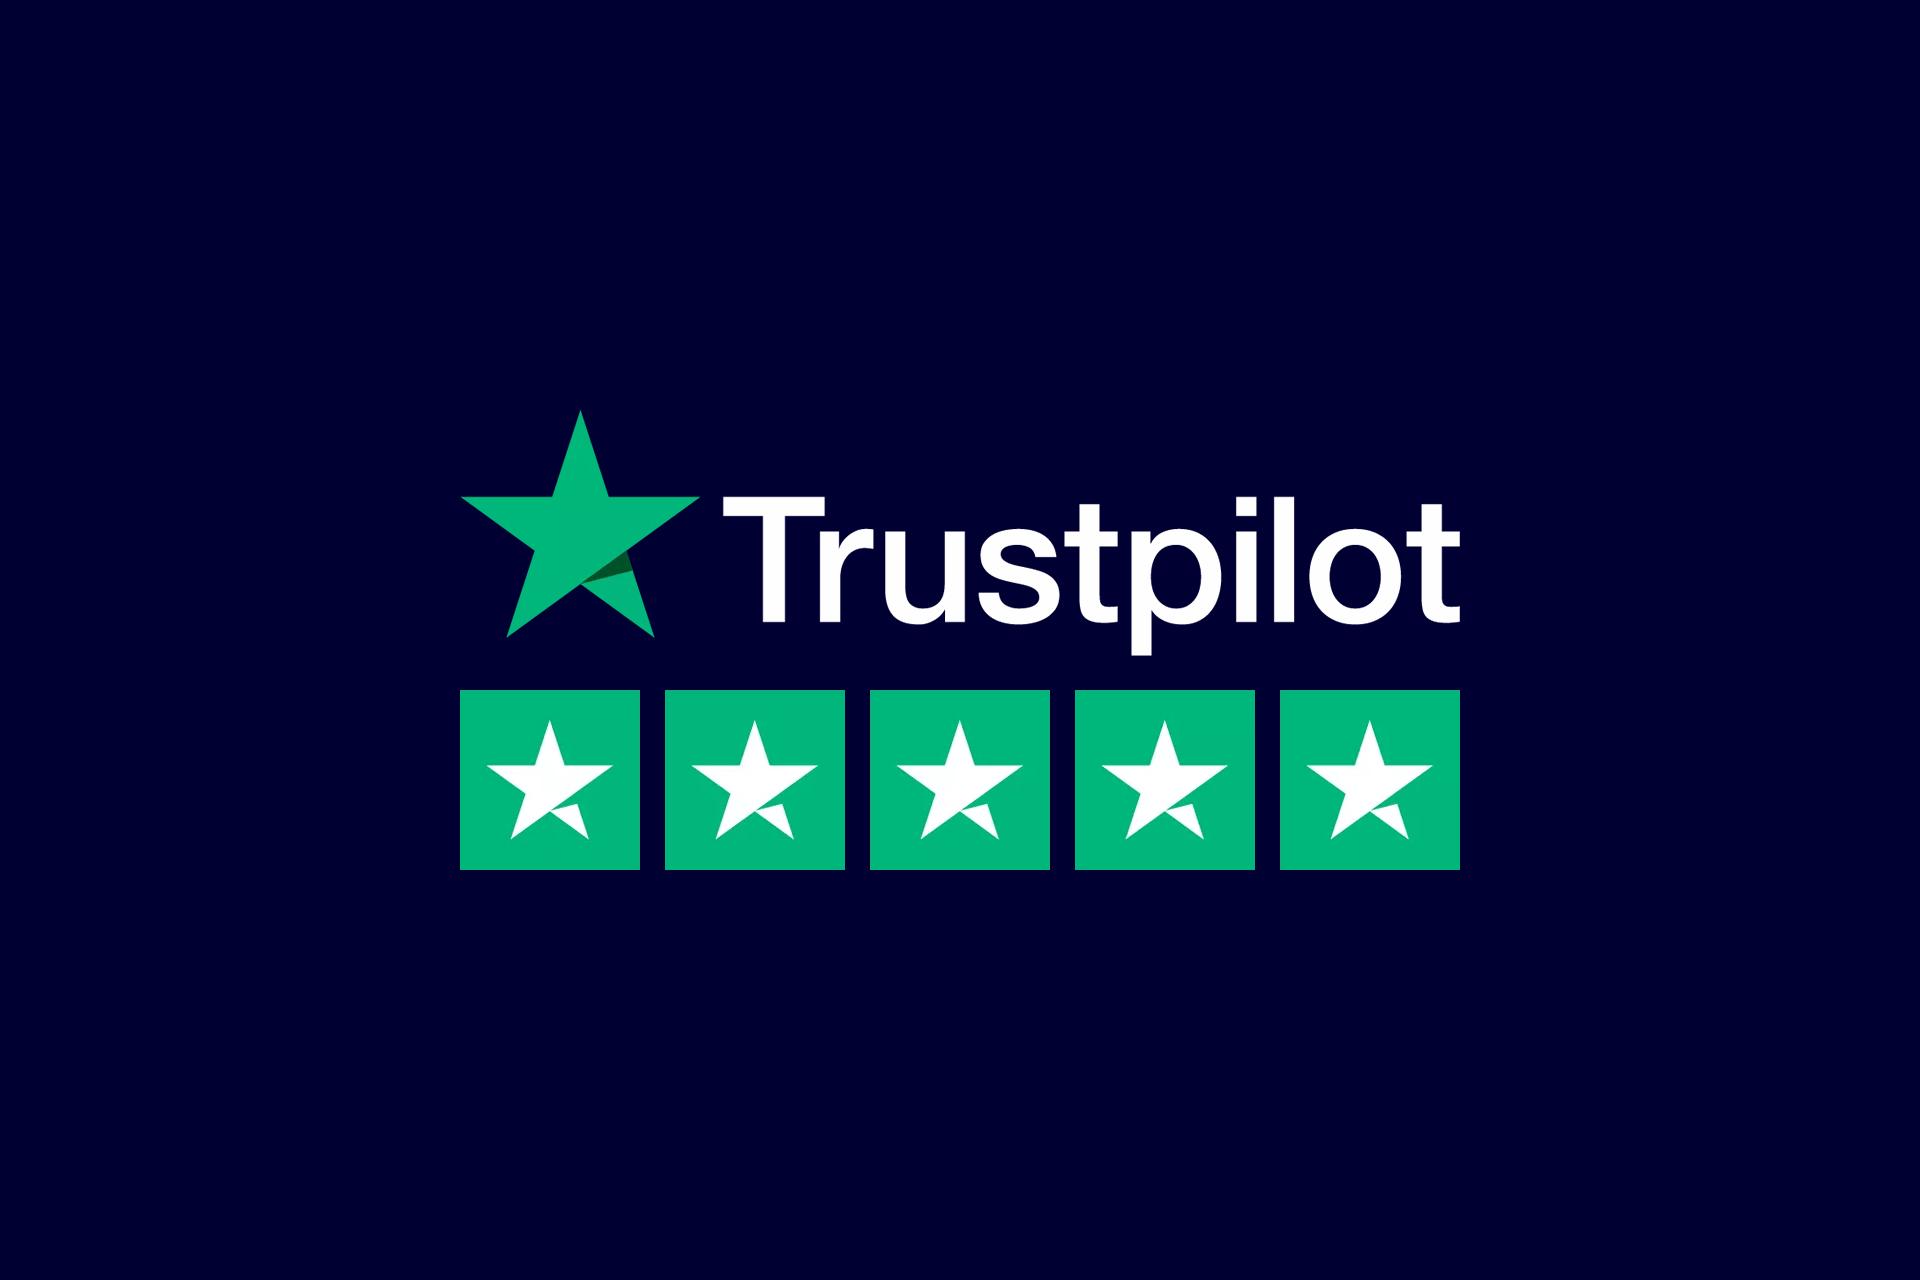 Coastside Media Trust Pilot Digital Solution